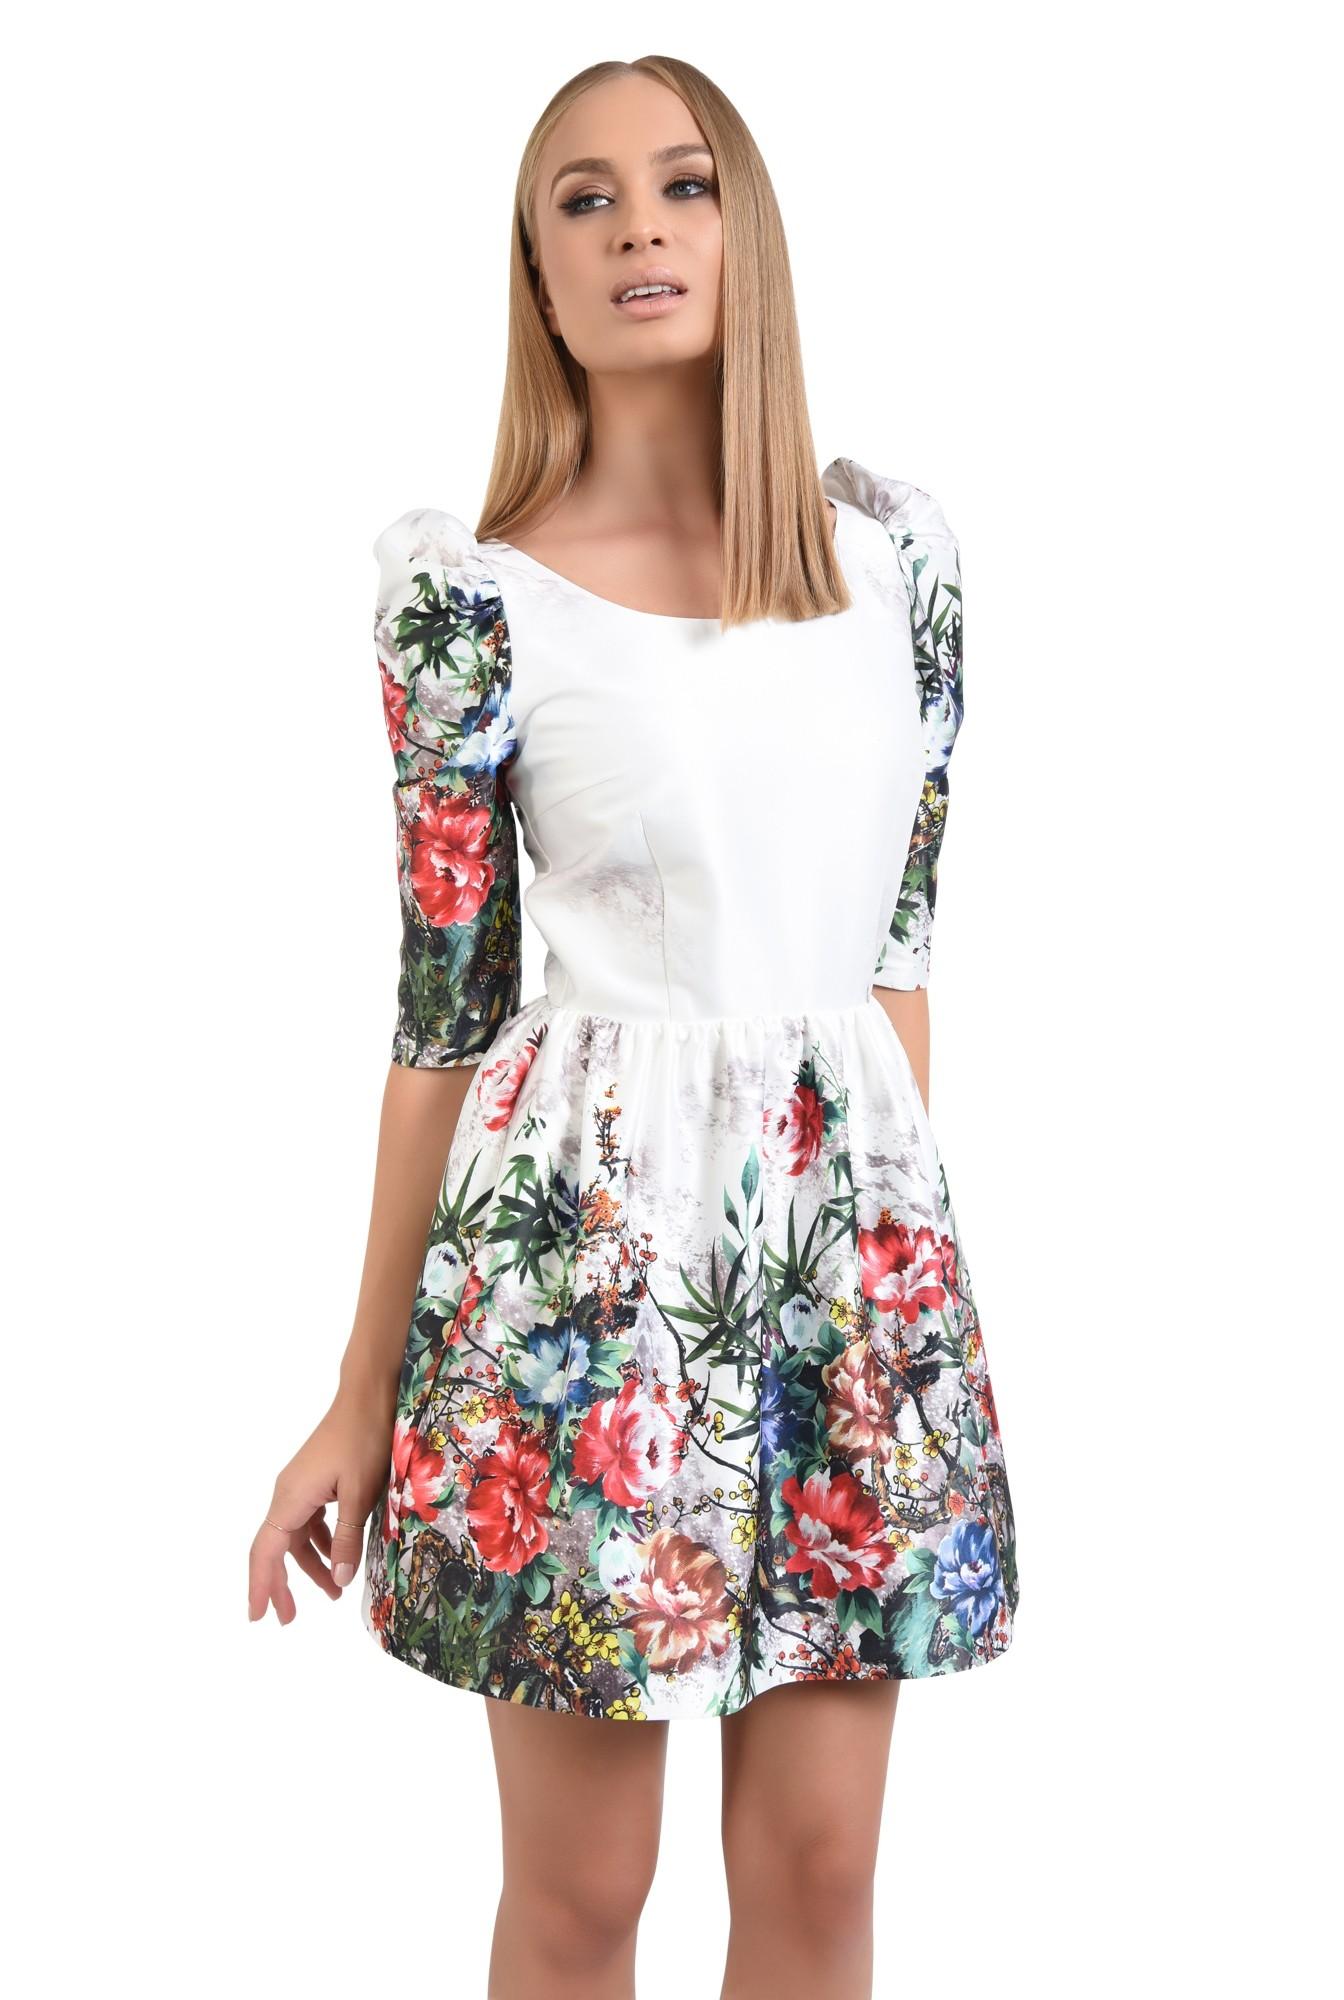 0 - rochie de ocazie, tafta, imprimata, motive florale